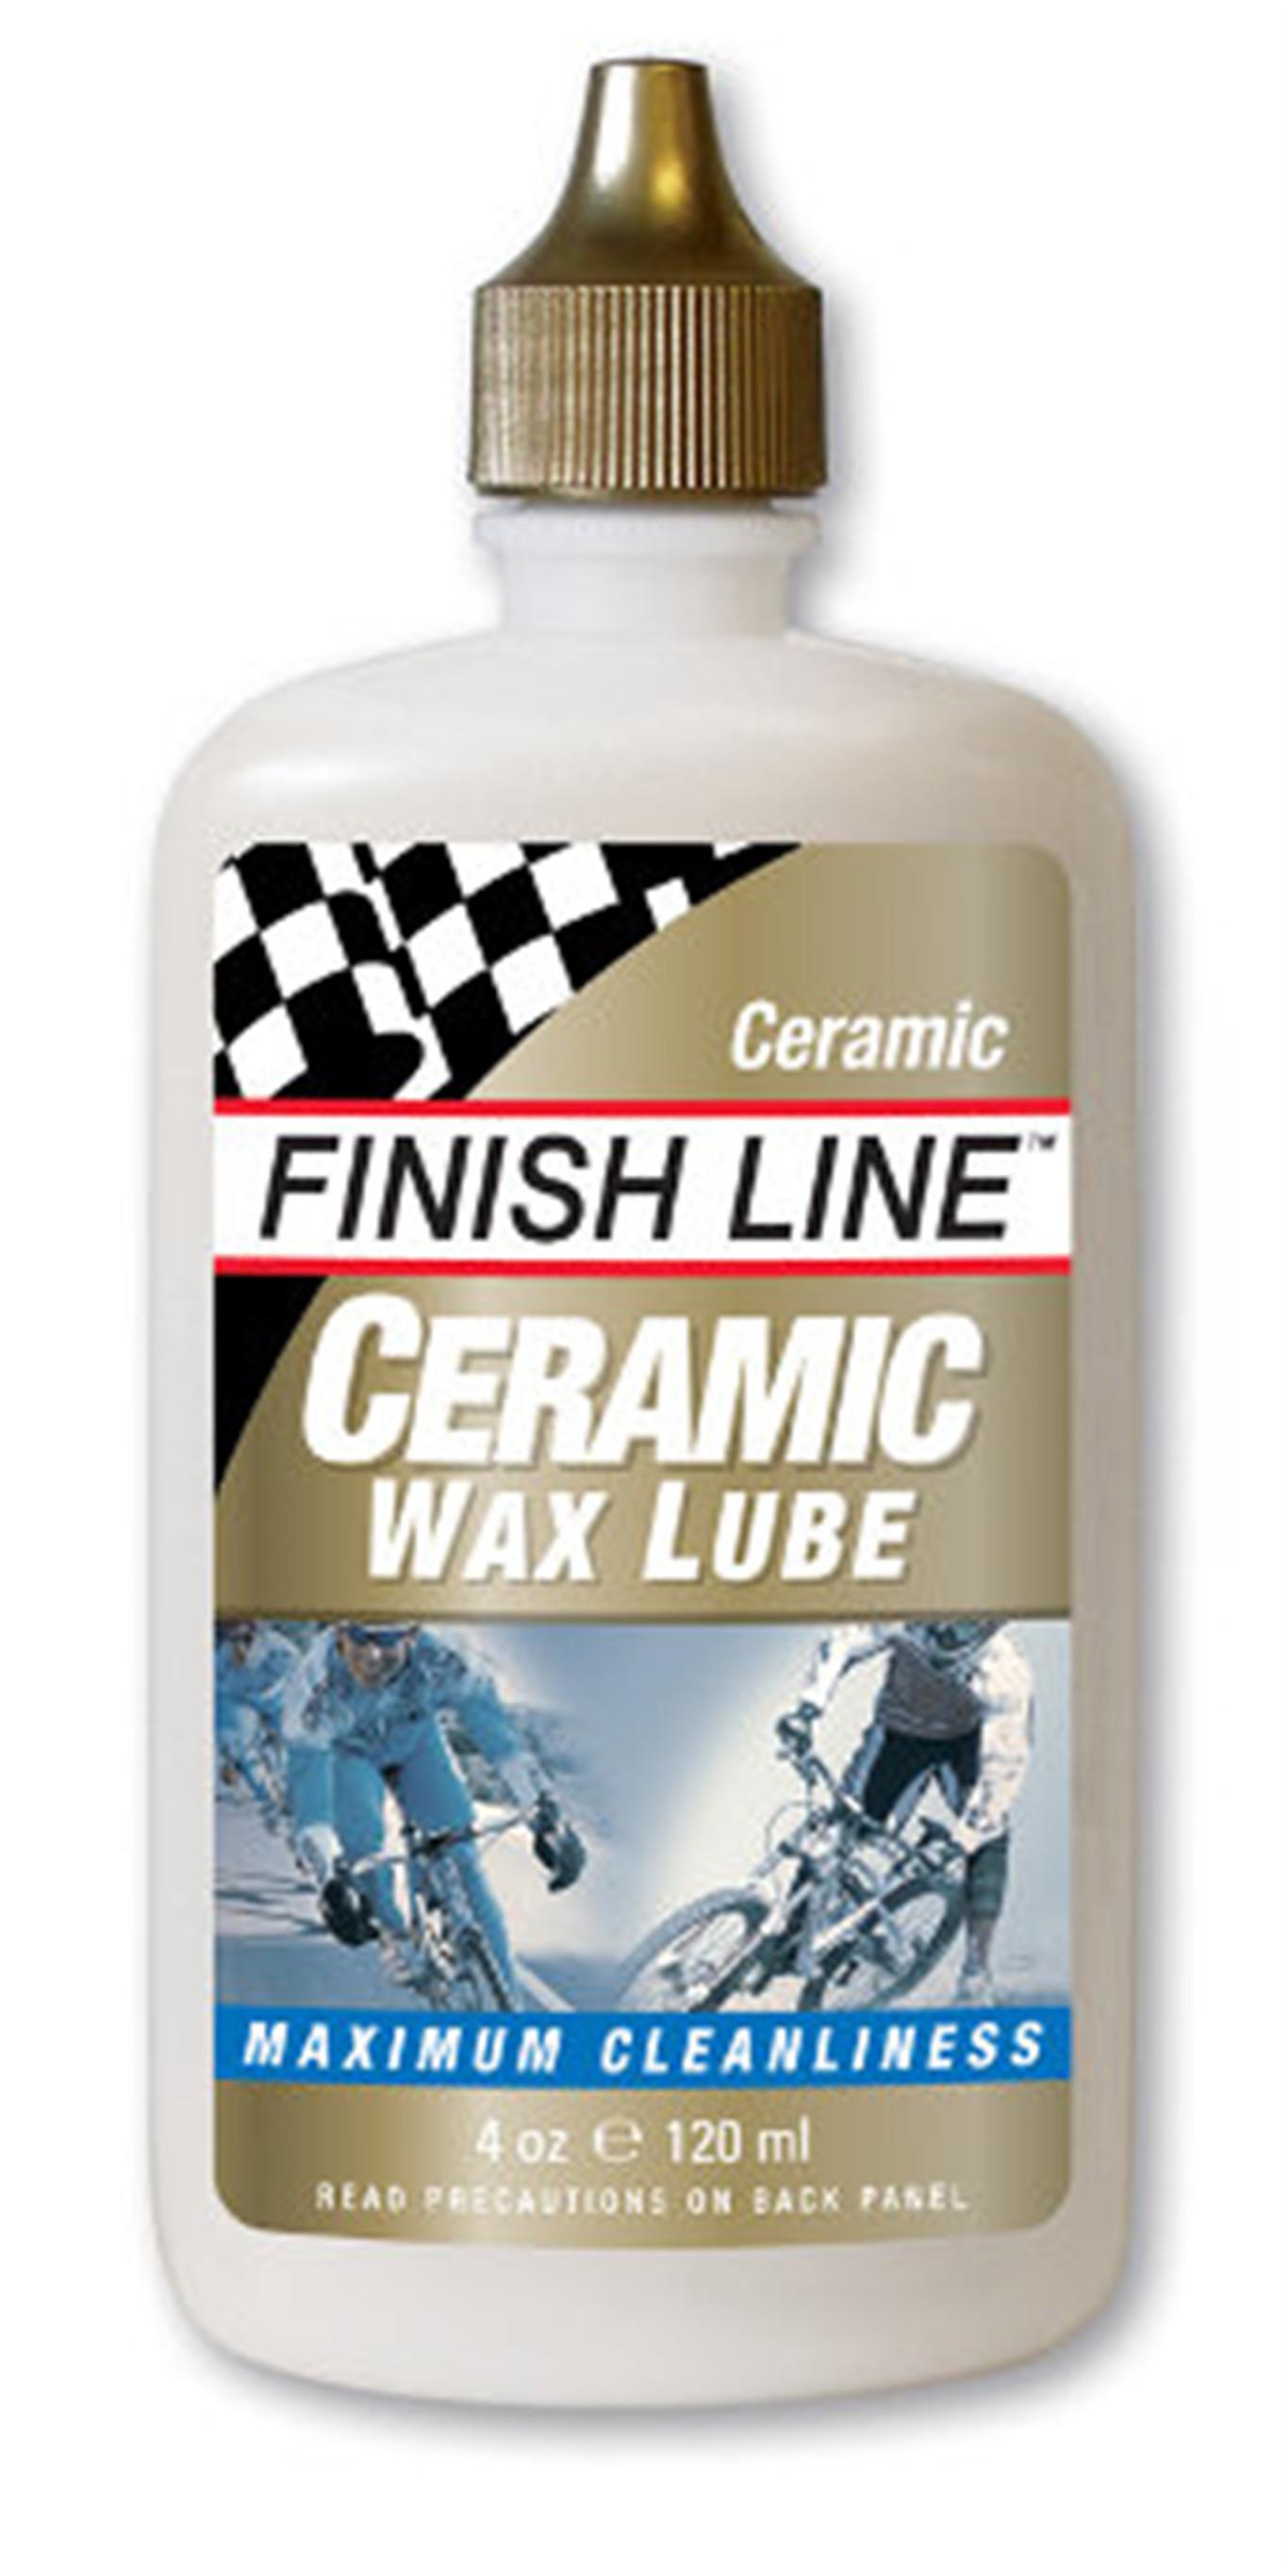 FINISH LINE Olej Ceramic Wax Lube / Opakowanie: 120 ml